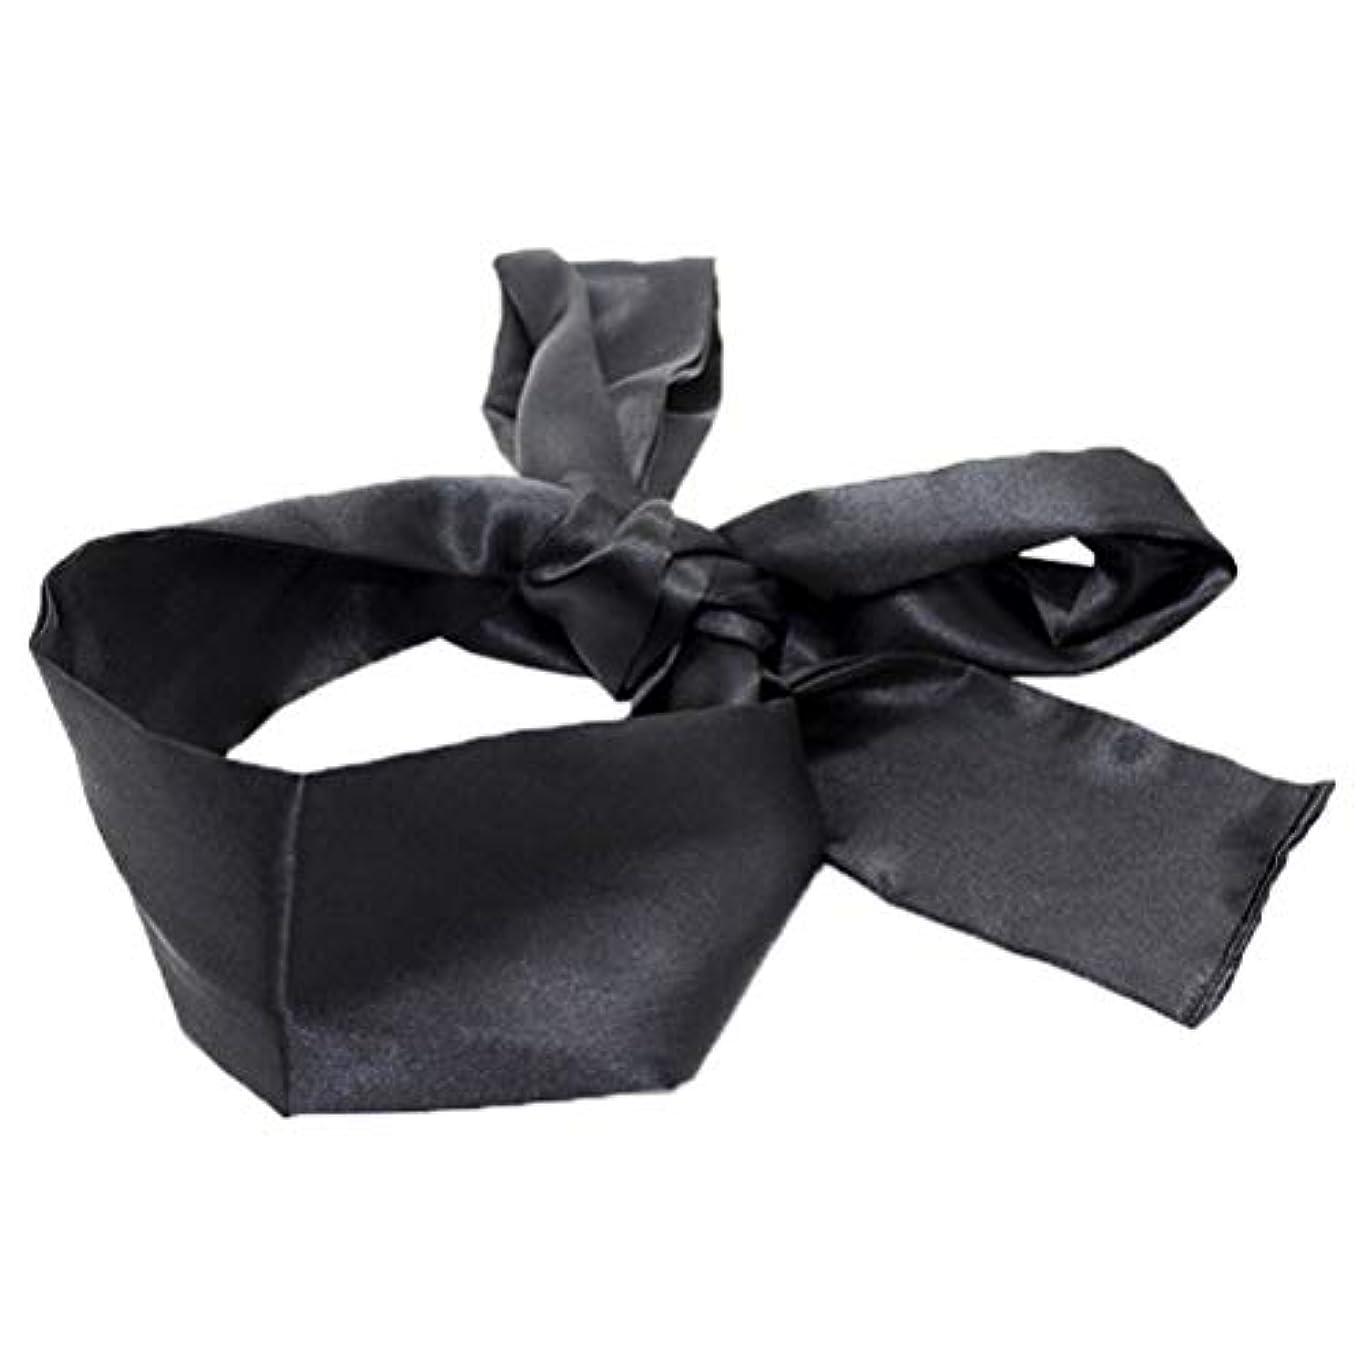 繁栄葉寝るHEALIFTY 睡眠マスクホームトラベルコスチューム小道具(ブラック)用サテン目隠しソフト快適なアイマスクバンドブラインダー